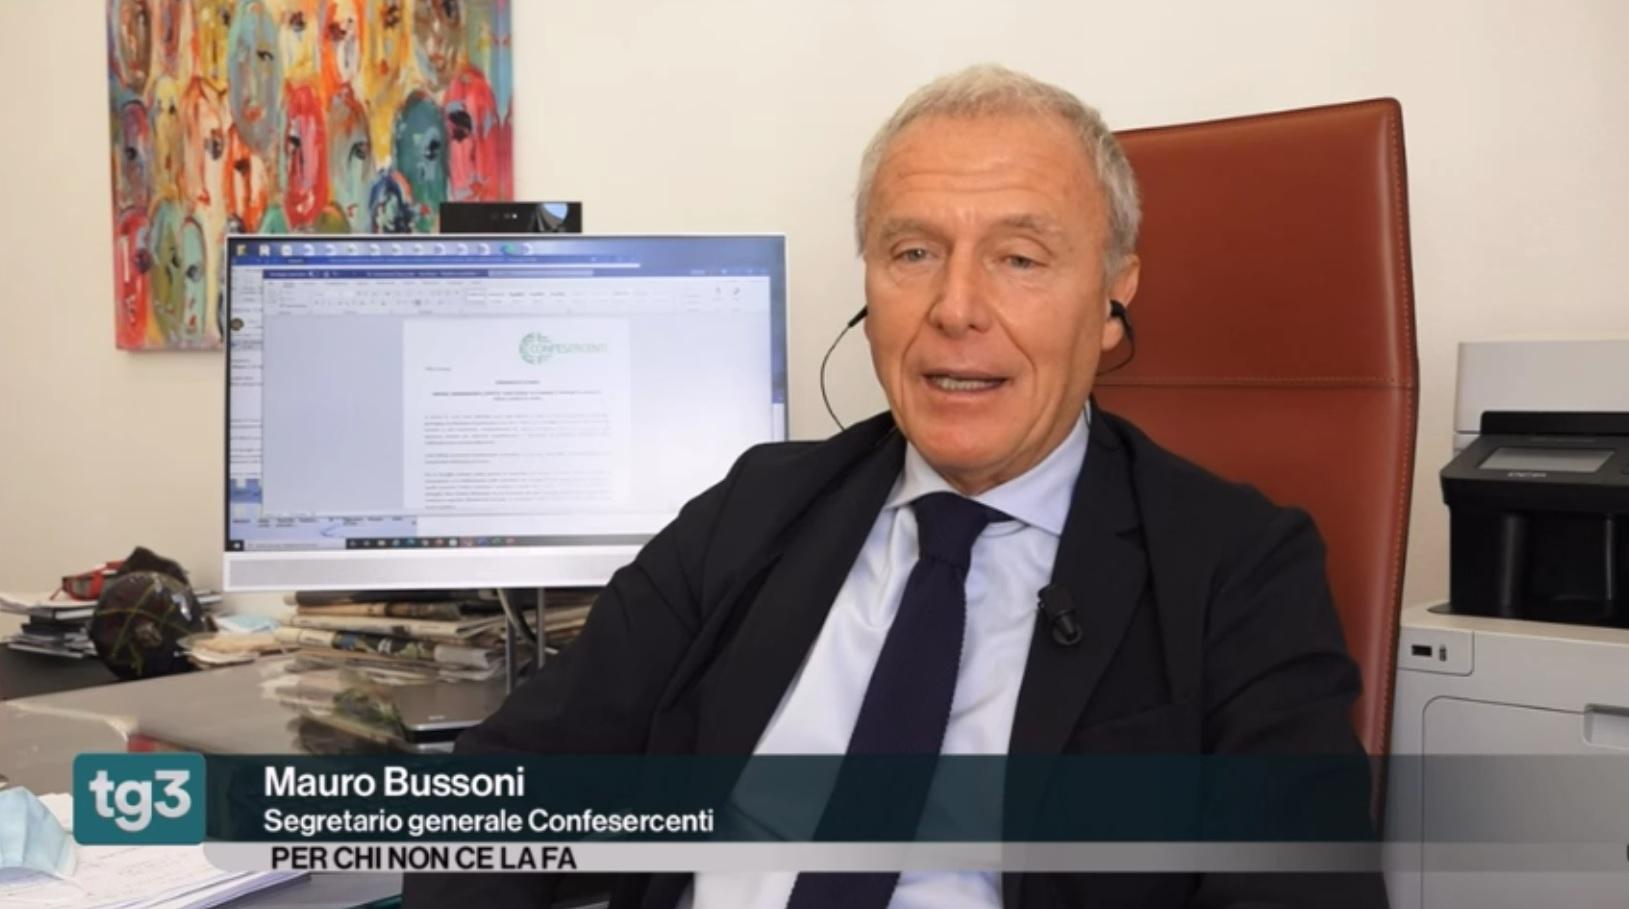 Crisi e imprese, Mauro Bussoni ospite di Tg3 FuoriTg